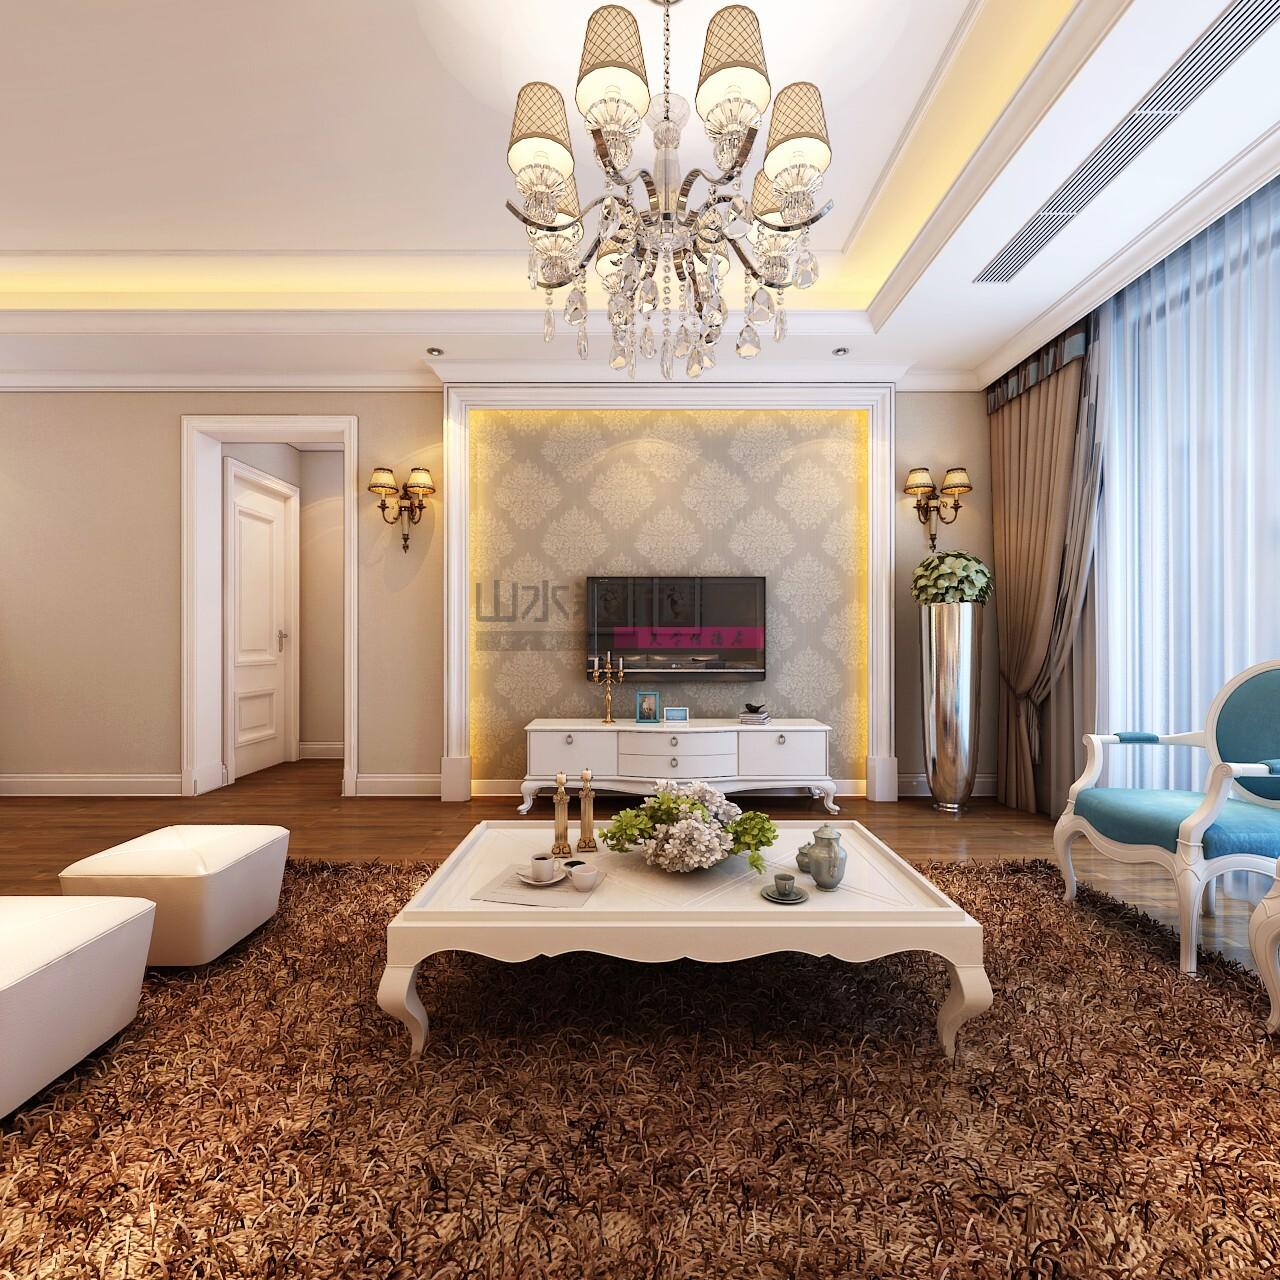 简欧设计风格120平方三室两厅装修效果图